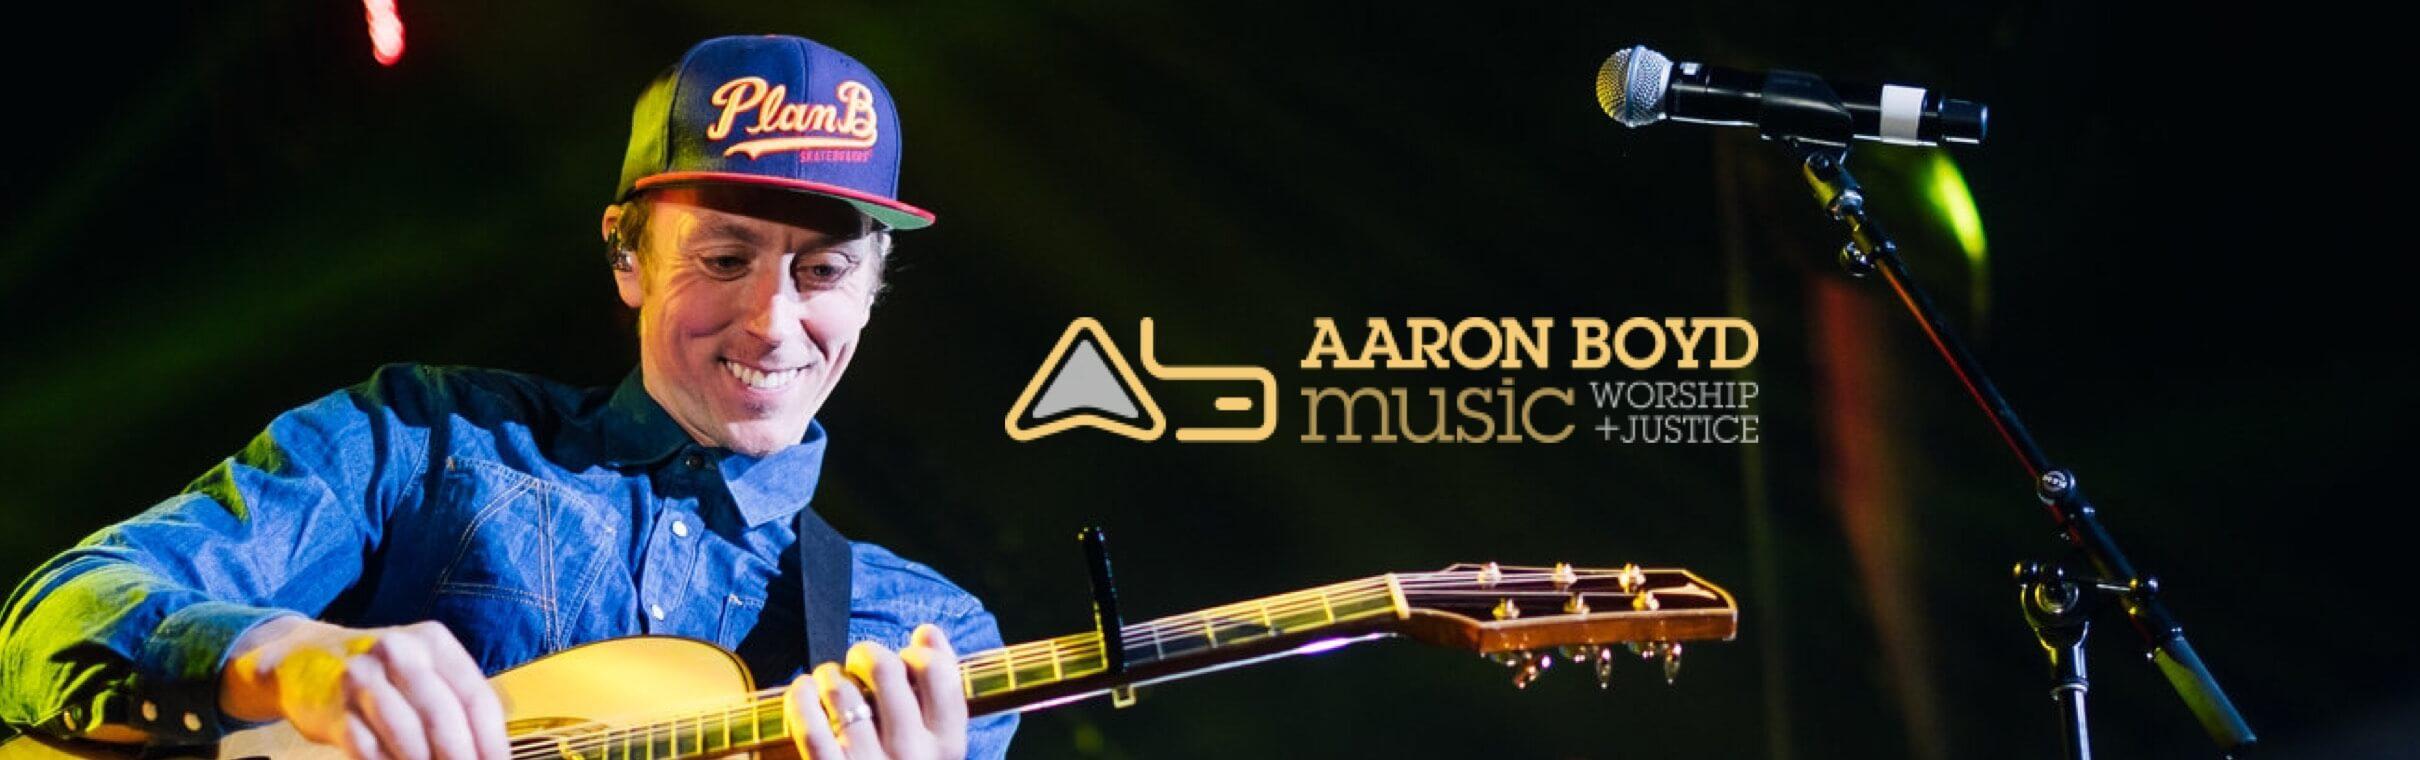 Aaron Boyd